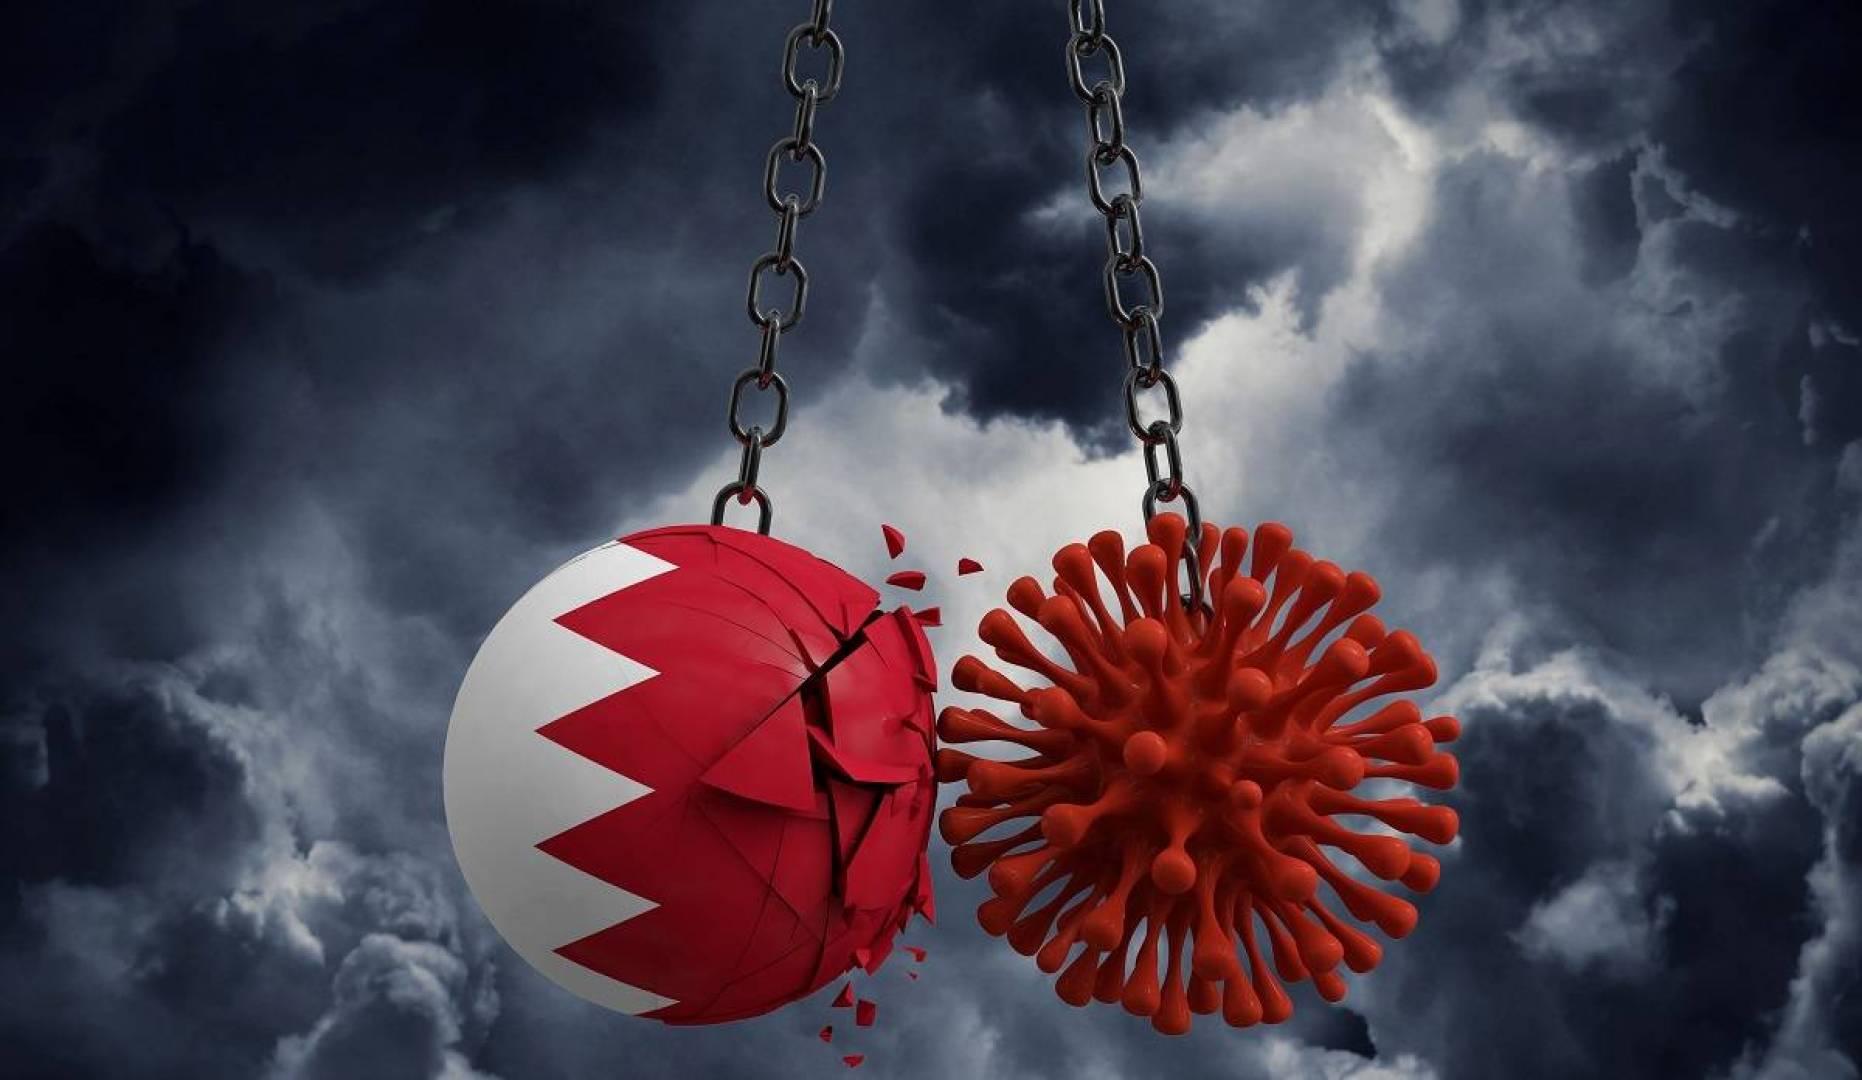 البحرين: تسجيل رابع حالة وفاة بفيروس كورونا